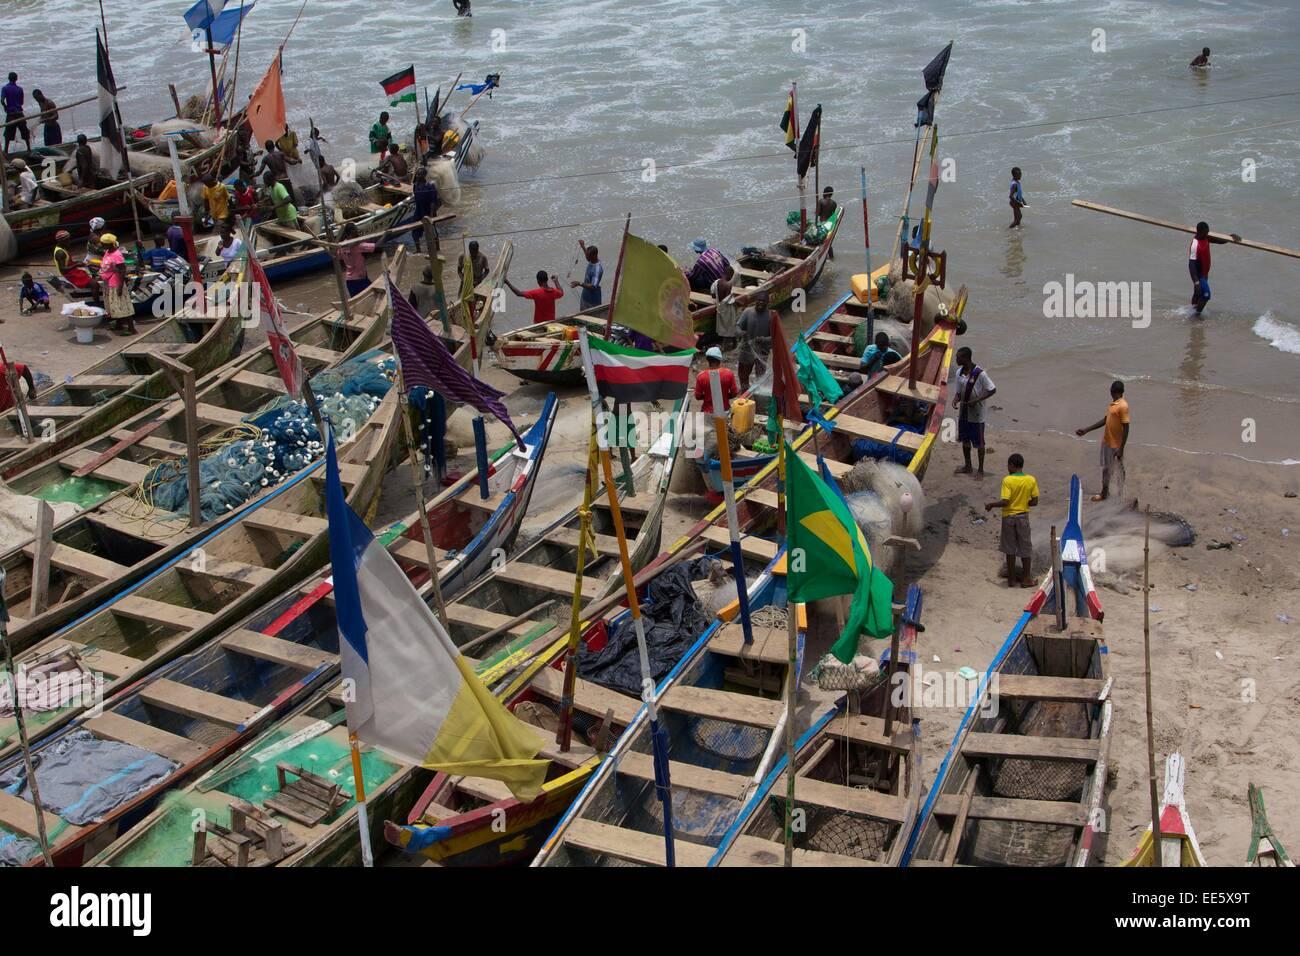 Boats in Cape Coast Ghana - Stock Image